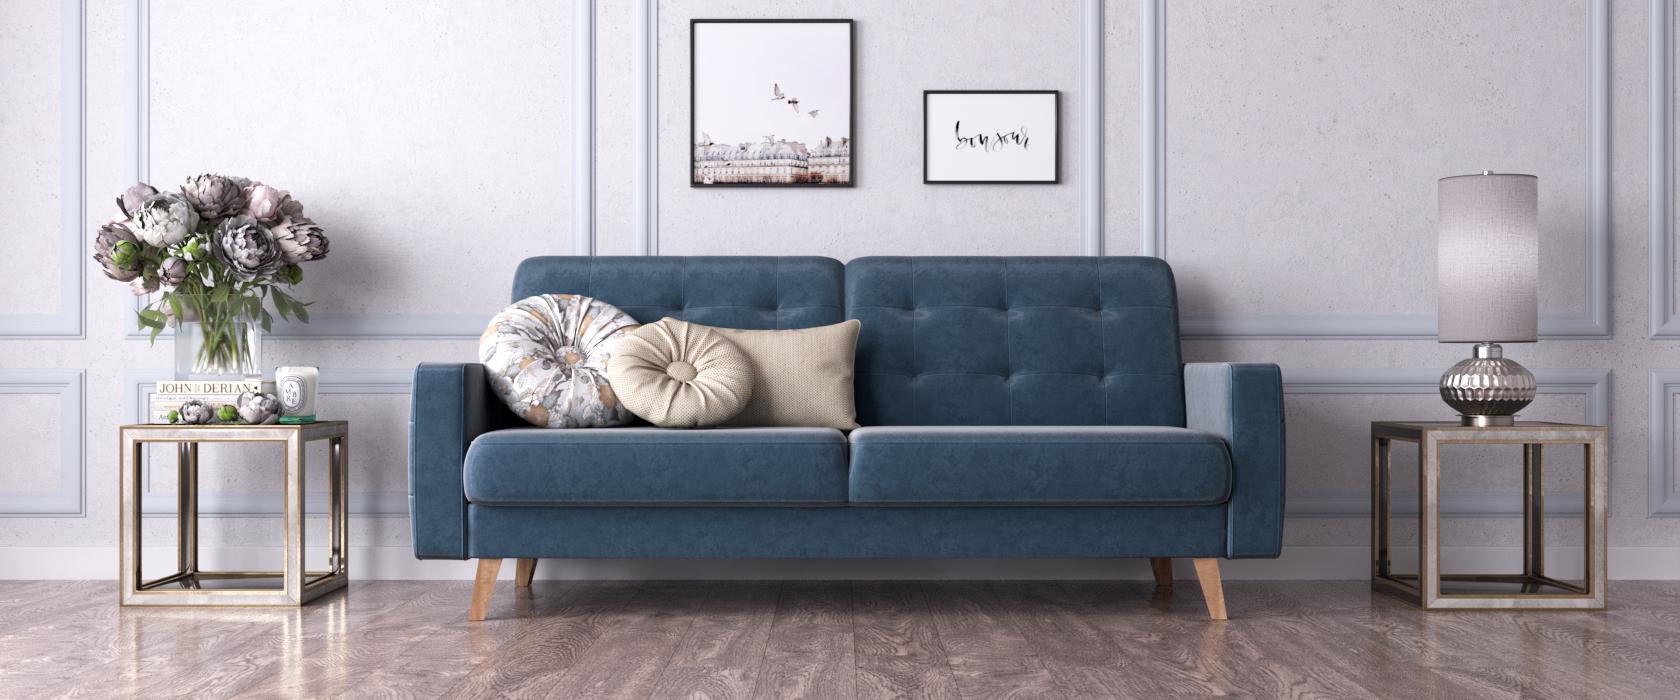 Тримісний диван Savoia - Фото 2 - Pufetto